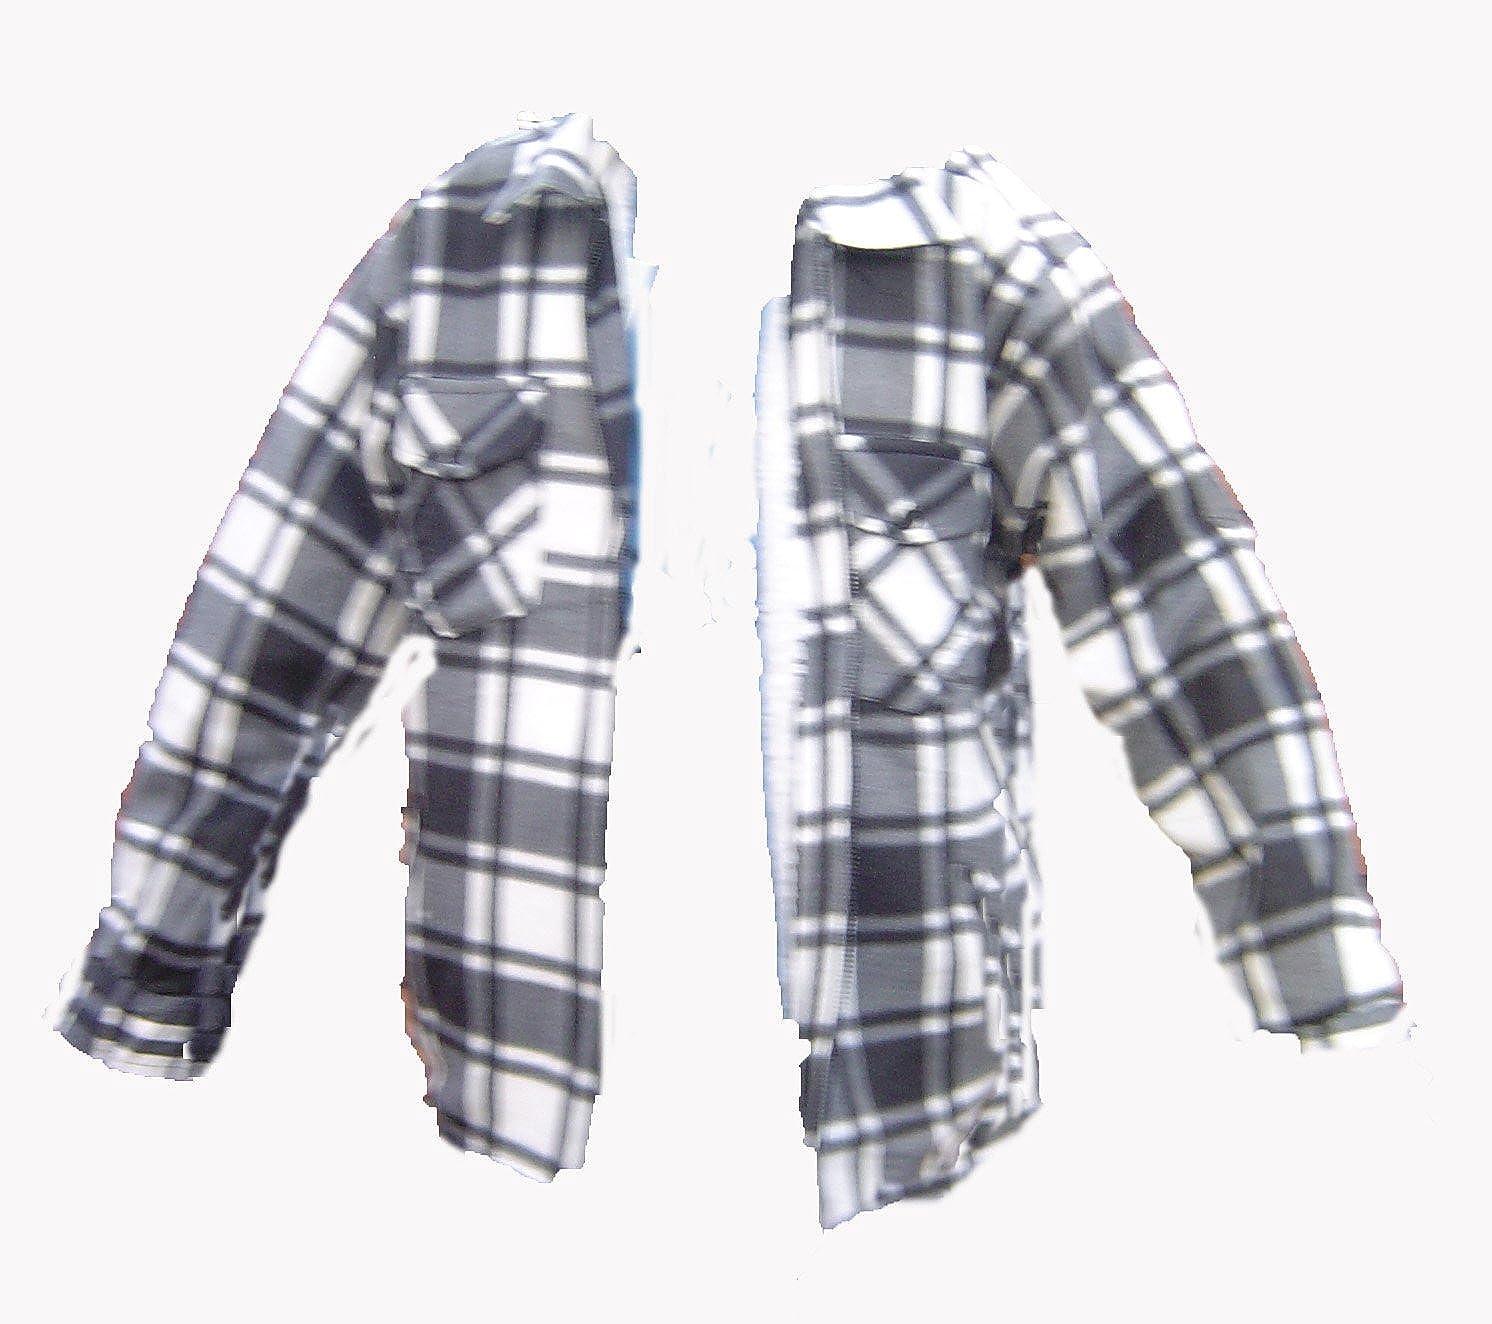 Camisa de leñador para hombre de piel de forro polar térmica acolchada con cremallera frontal M L XL XXL black grey check xx-large: Amazon.es: Ropa y accesorios